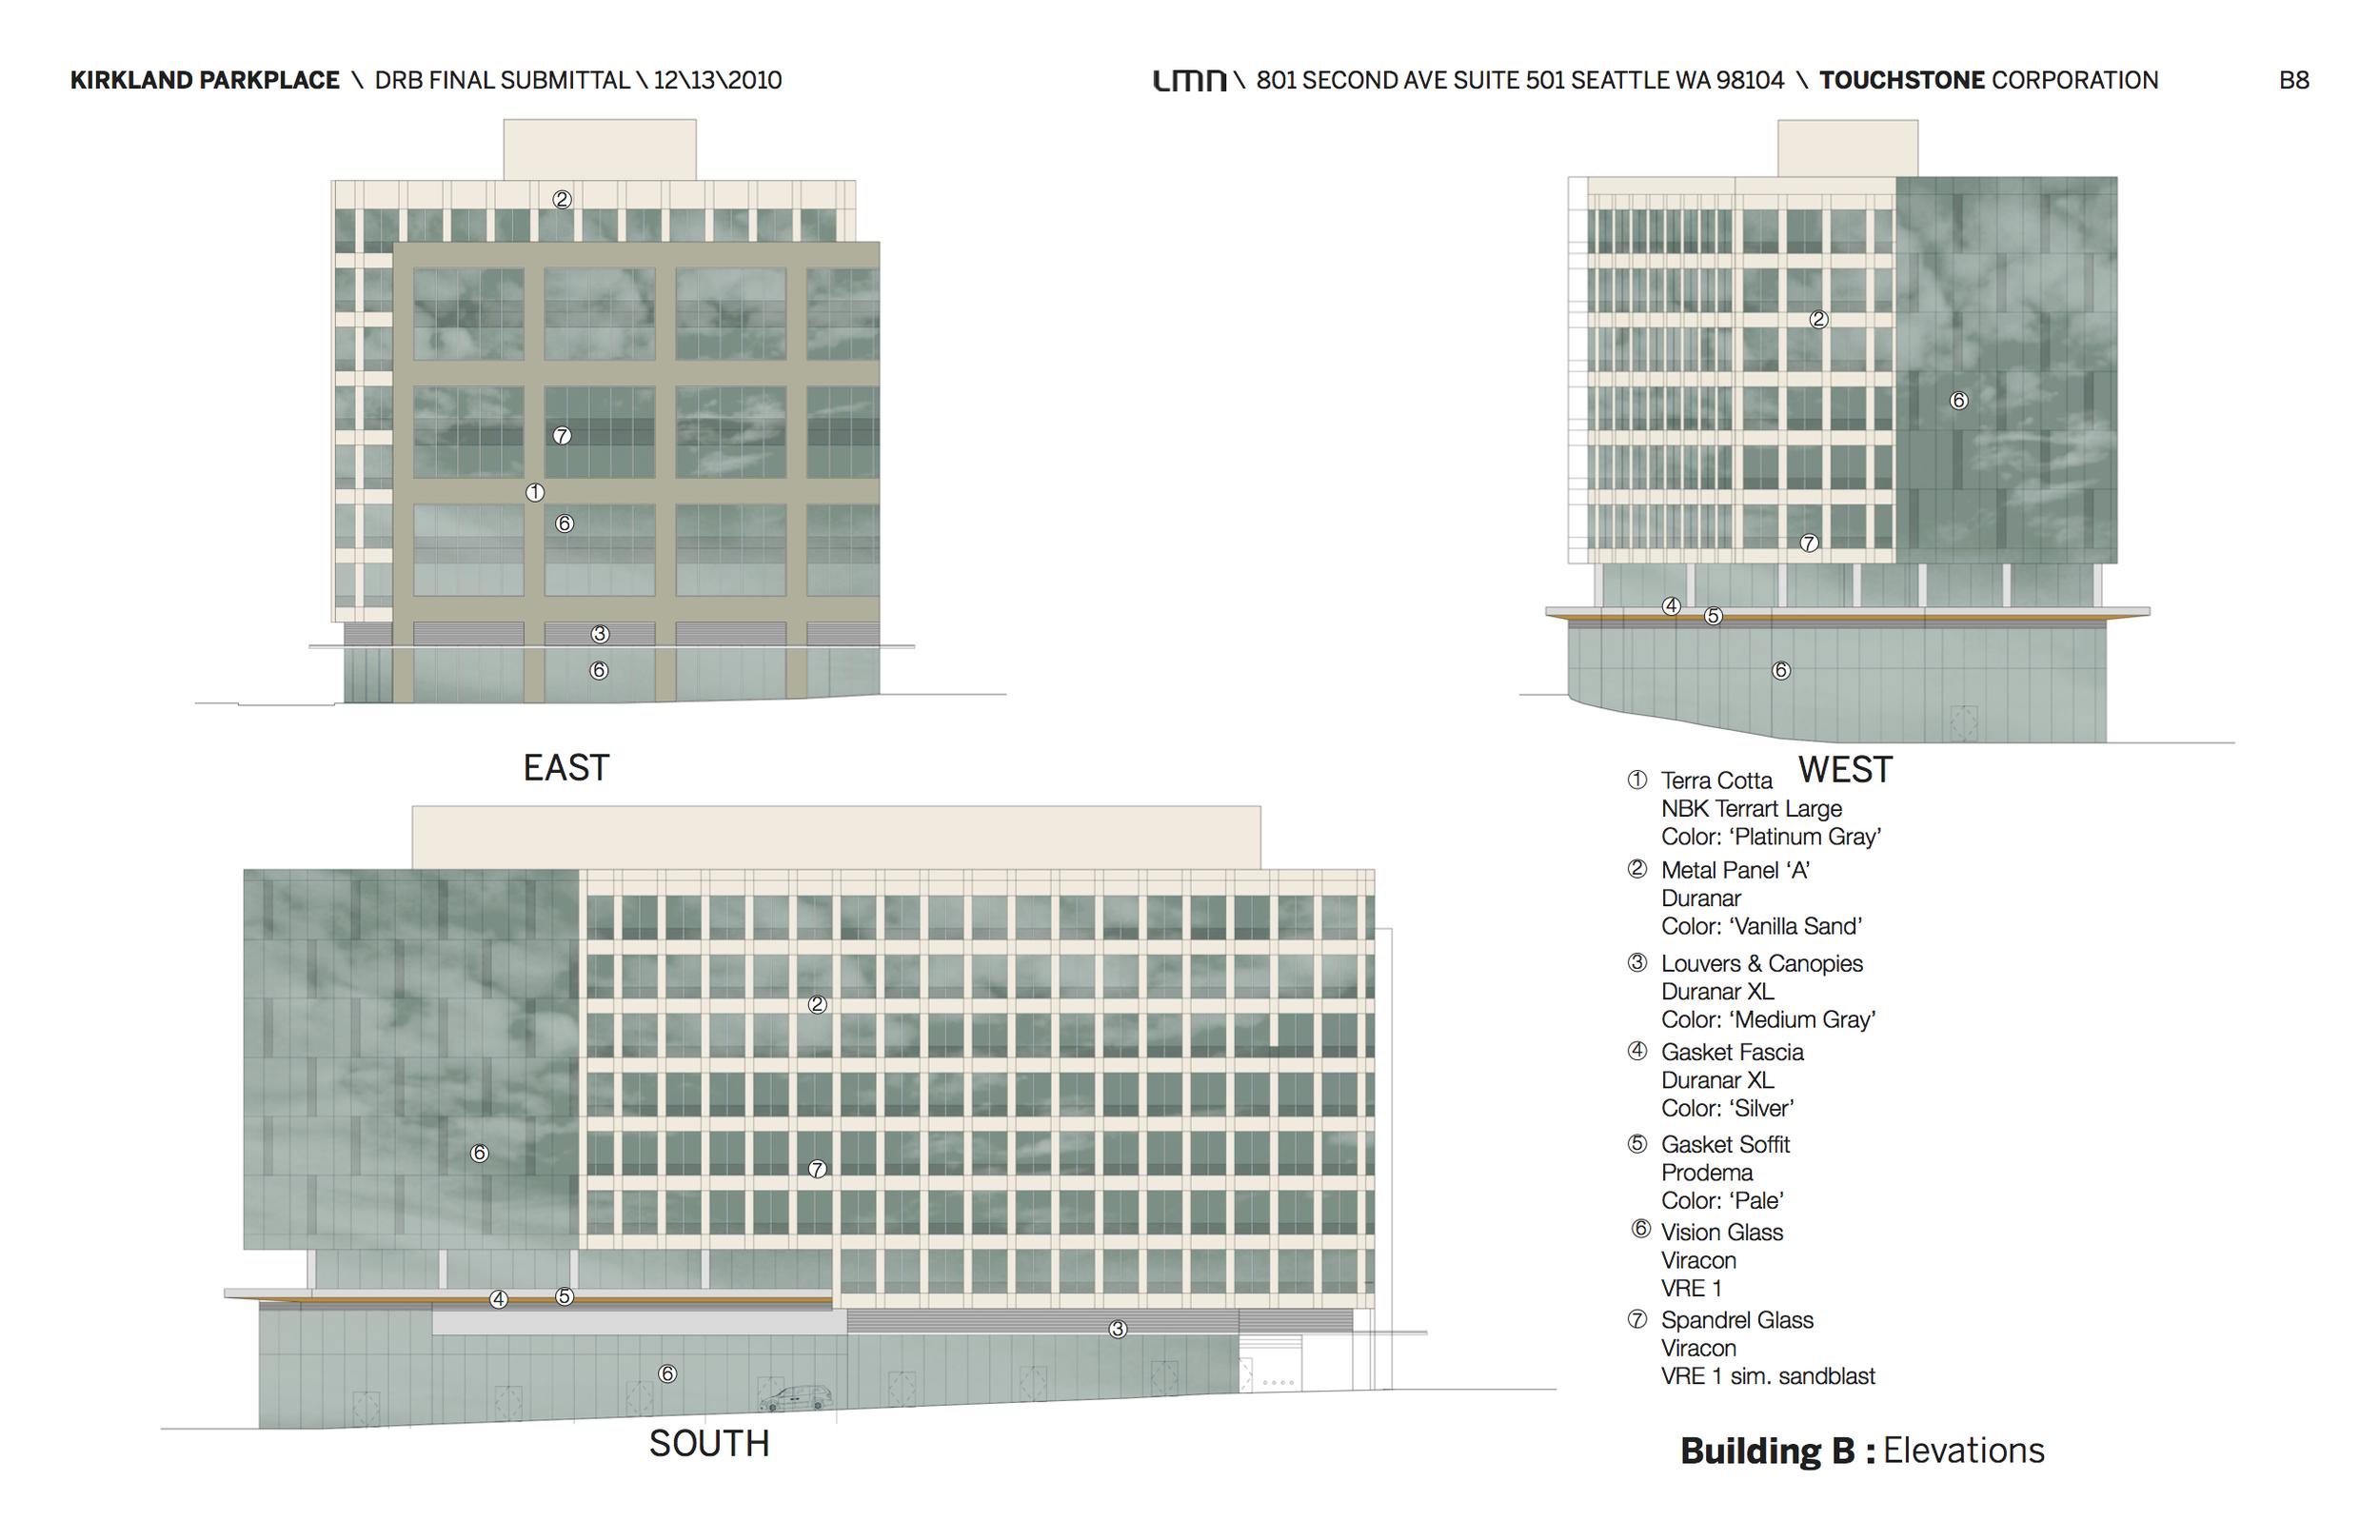 2011-01-10 FINAL DRB BOOKLET 51.jpg